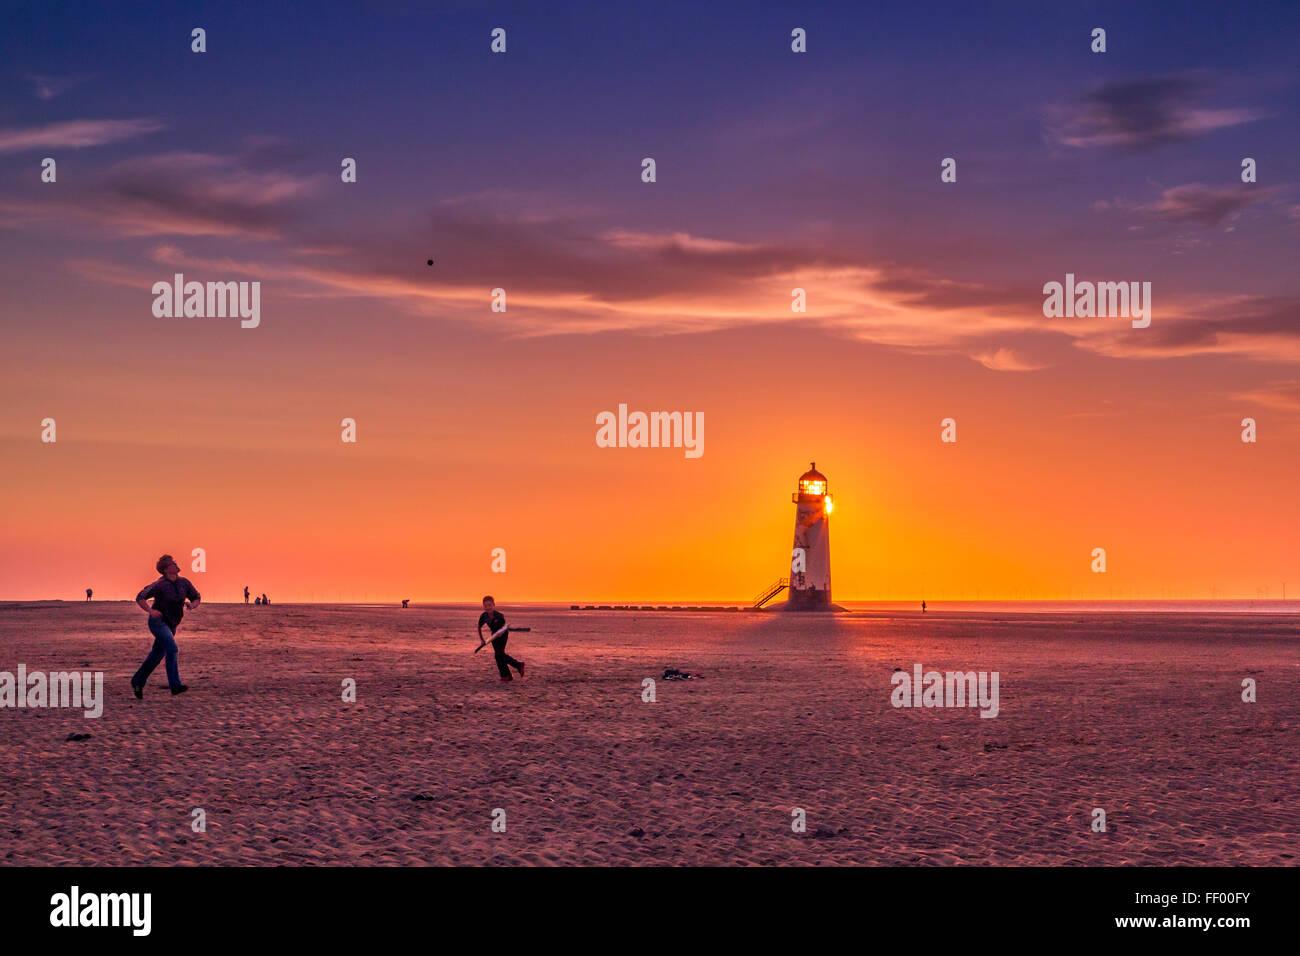 Jouer beach cricket sur plage de Talacre au coucher du soleil. Photo Stock